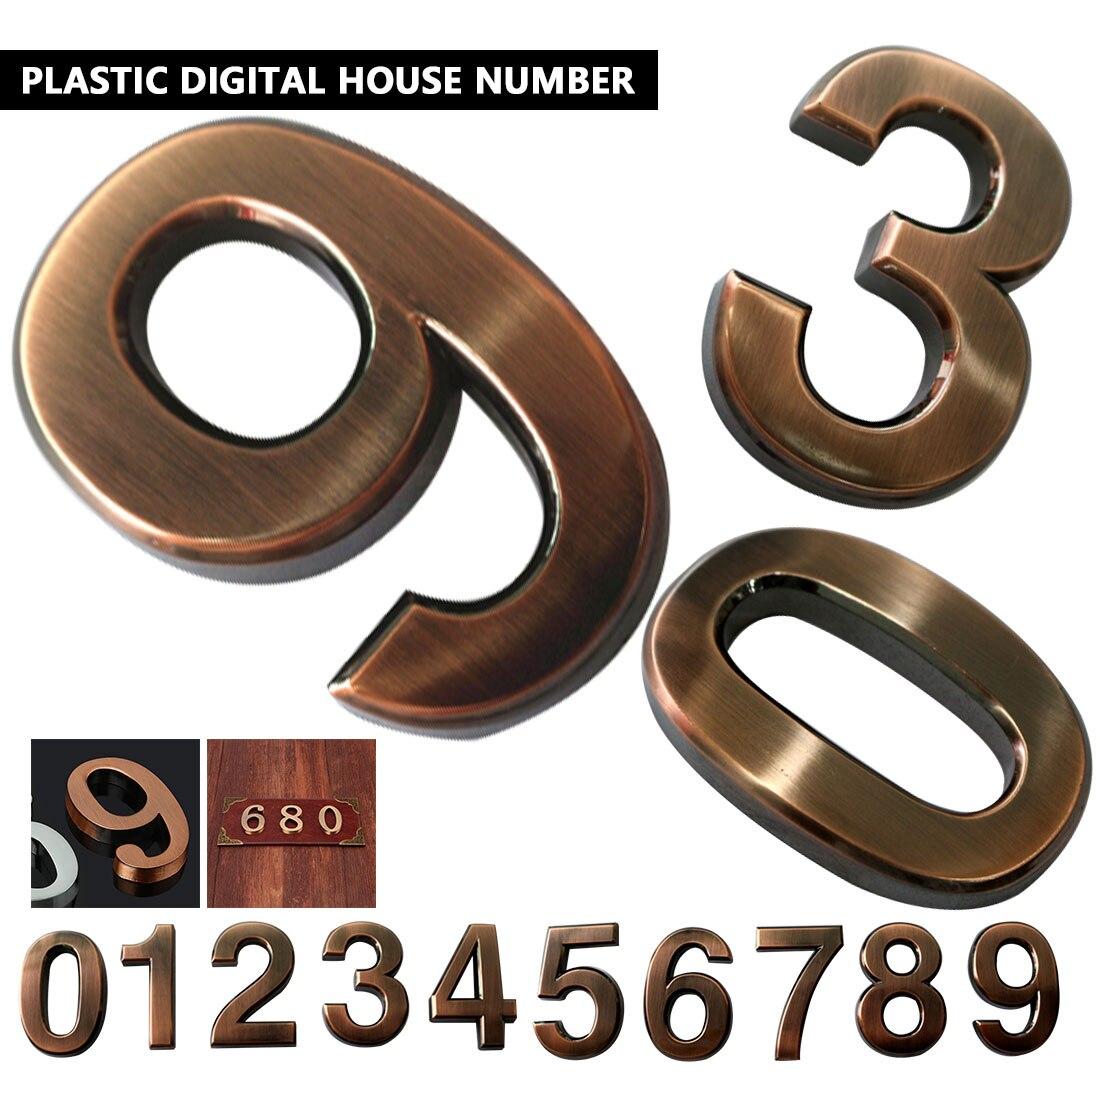 ABS plastique Bronze auto-adhésif 0-9 numéros de porte personnalisé maison adresse signe